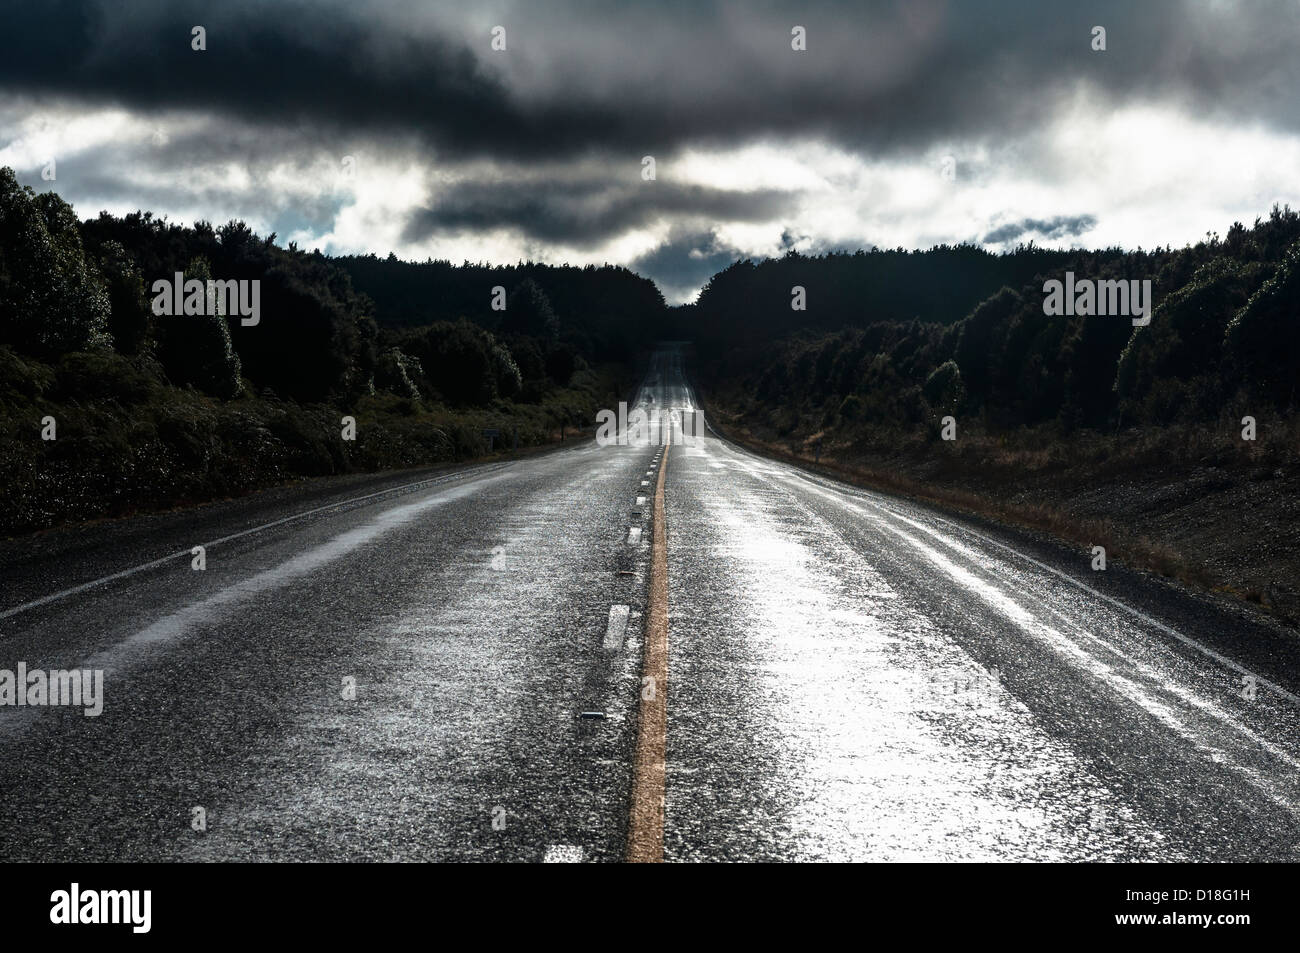 Strada asfaltata nel paesaggio rurale Immagini Stock